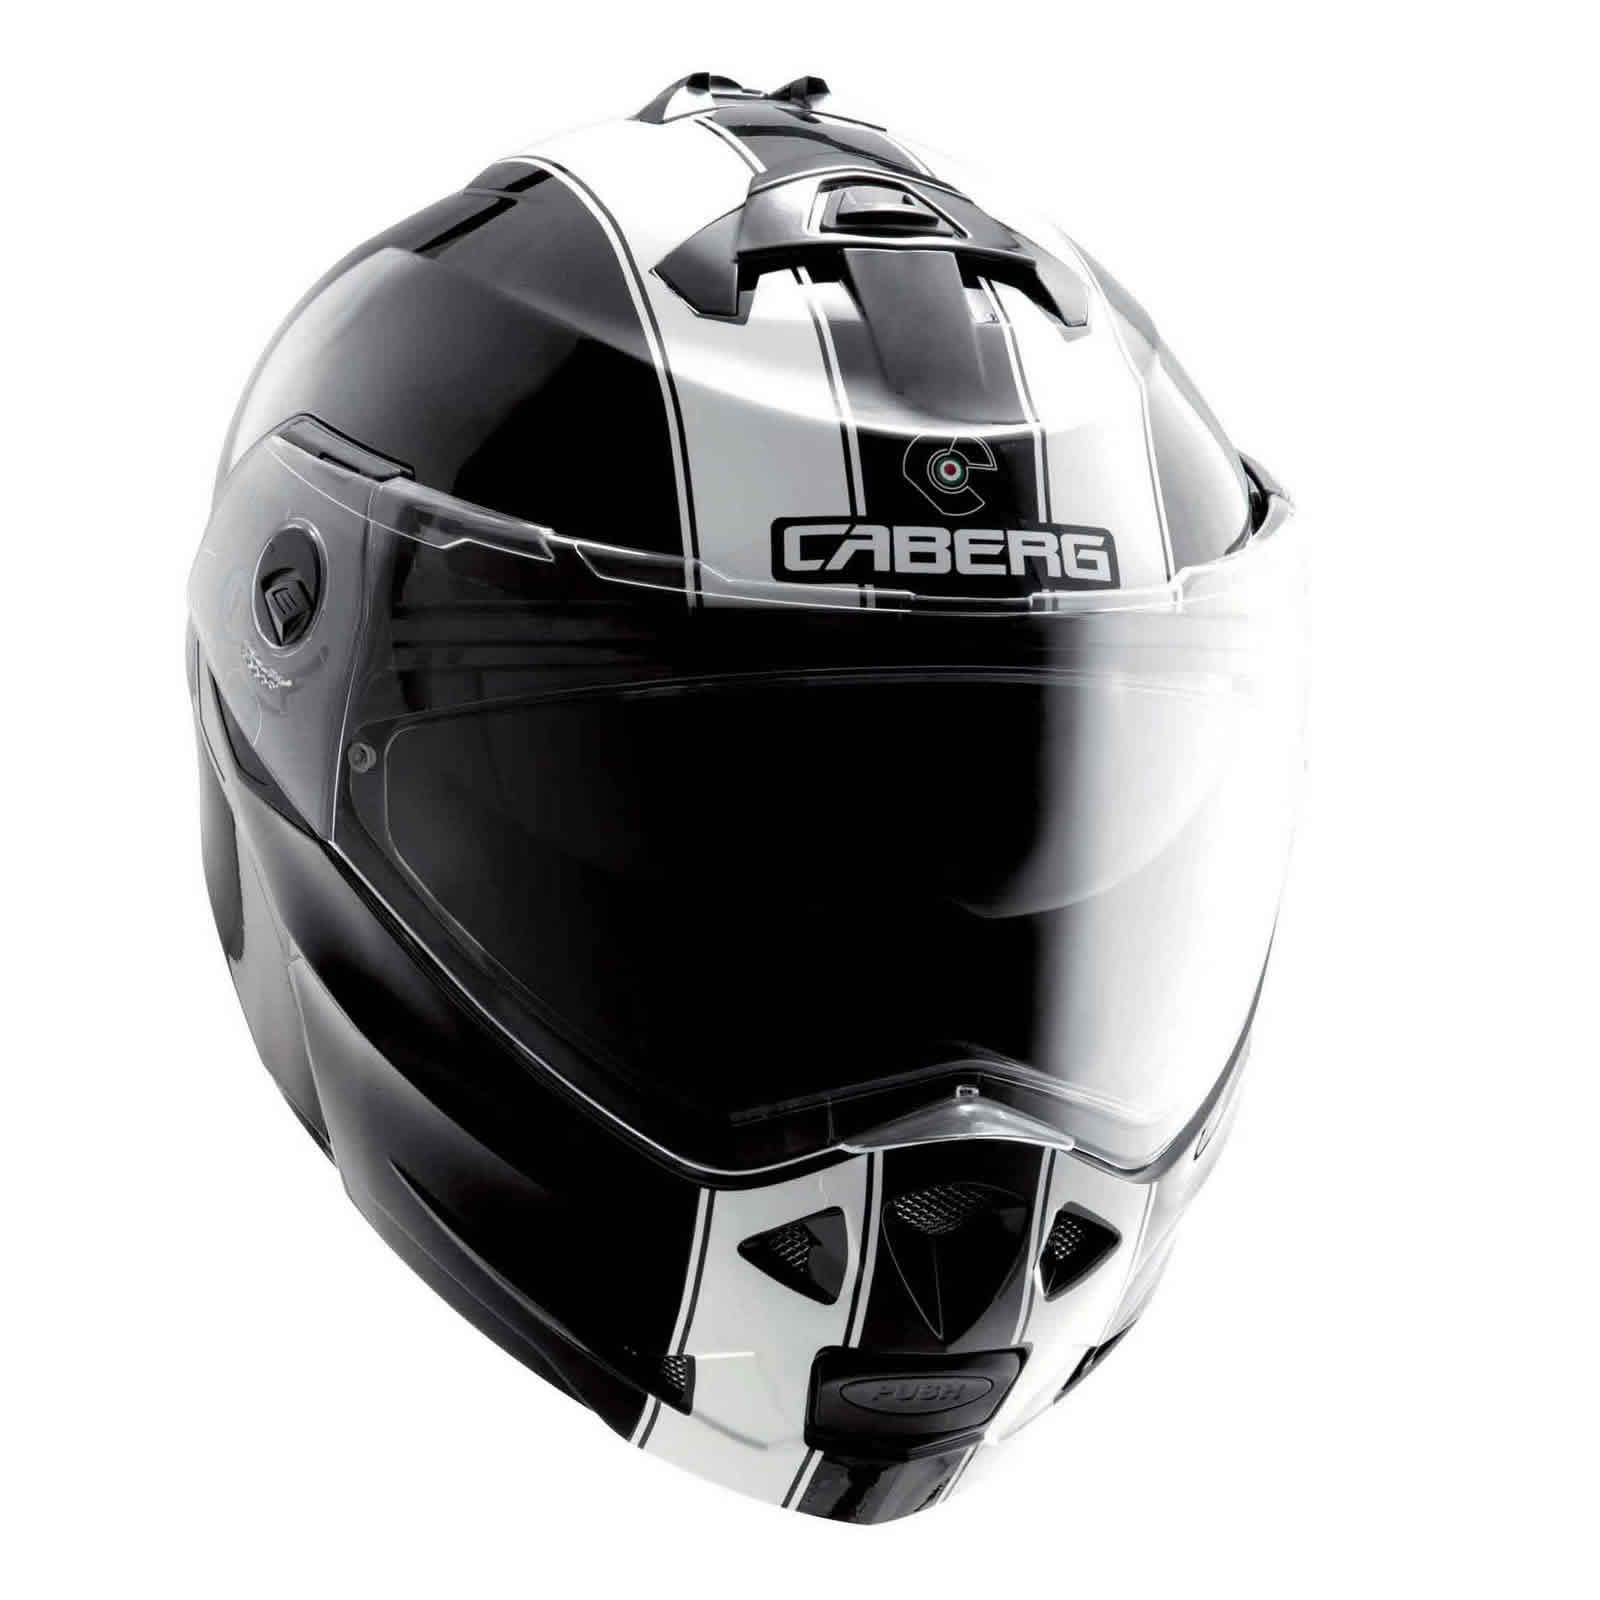 Caberg-Duke-Legend-Black-White-Motorcycle-Helmet-Flip-Front-Dual-Open-Full-Face